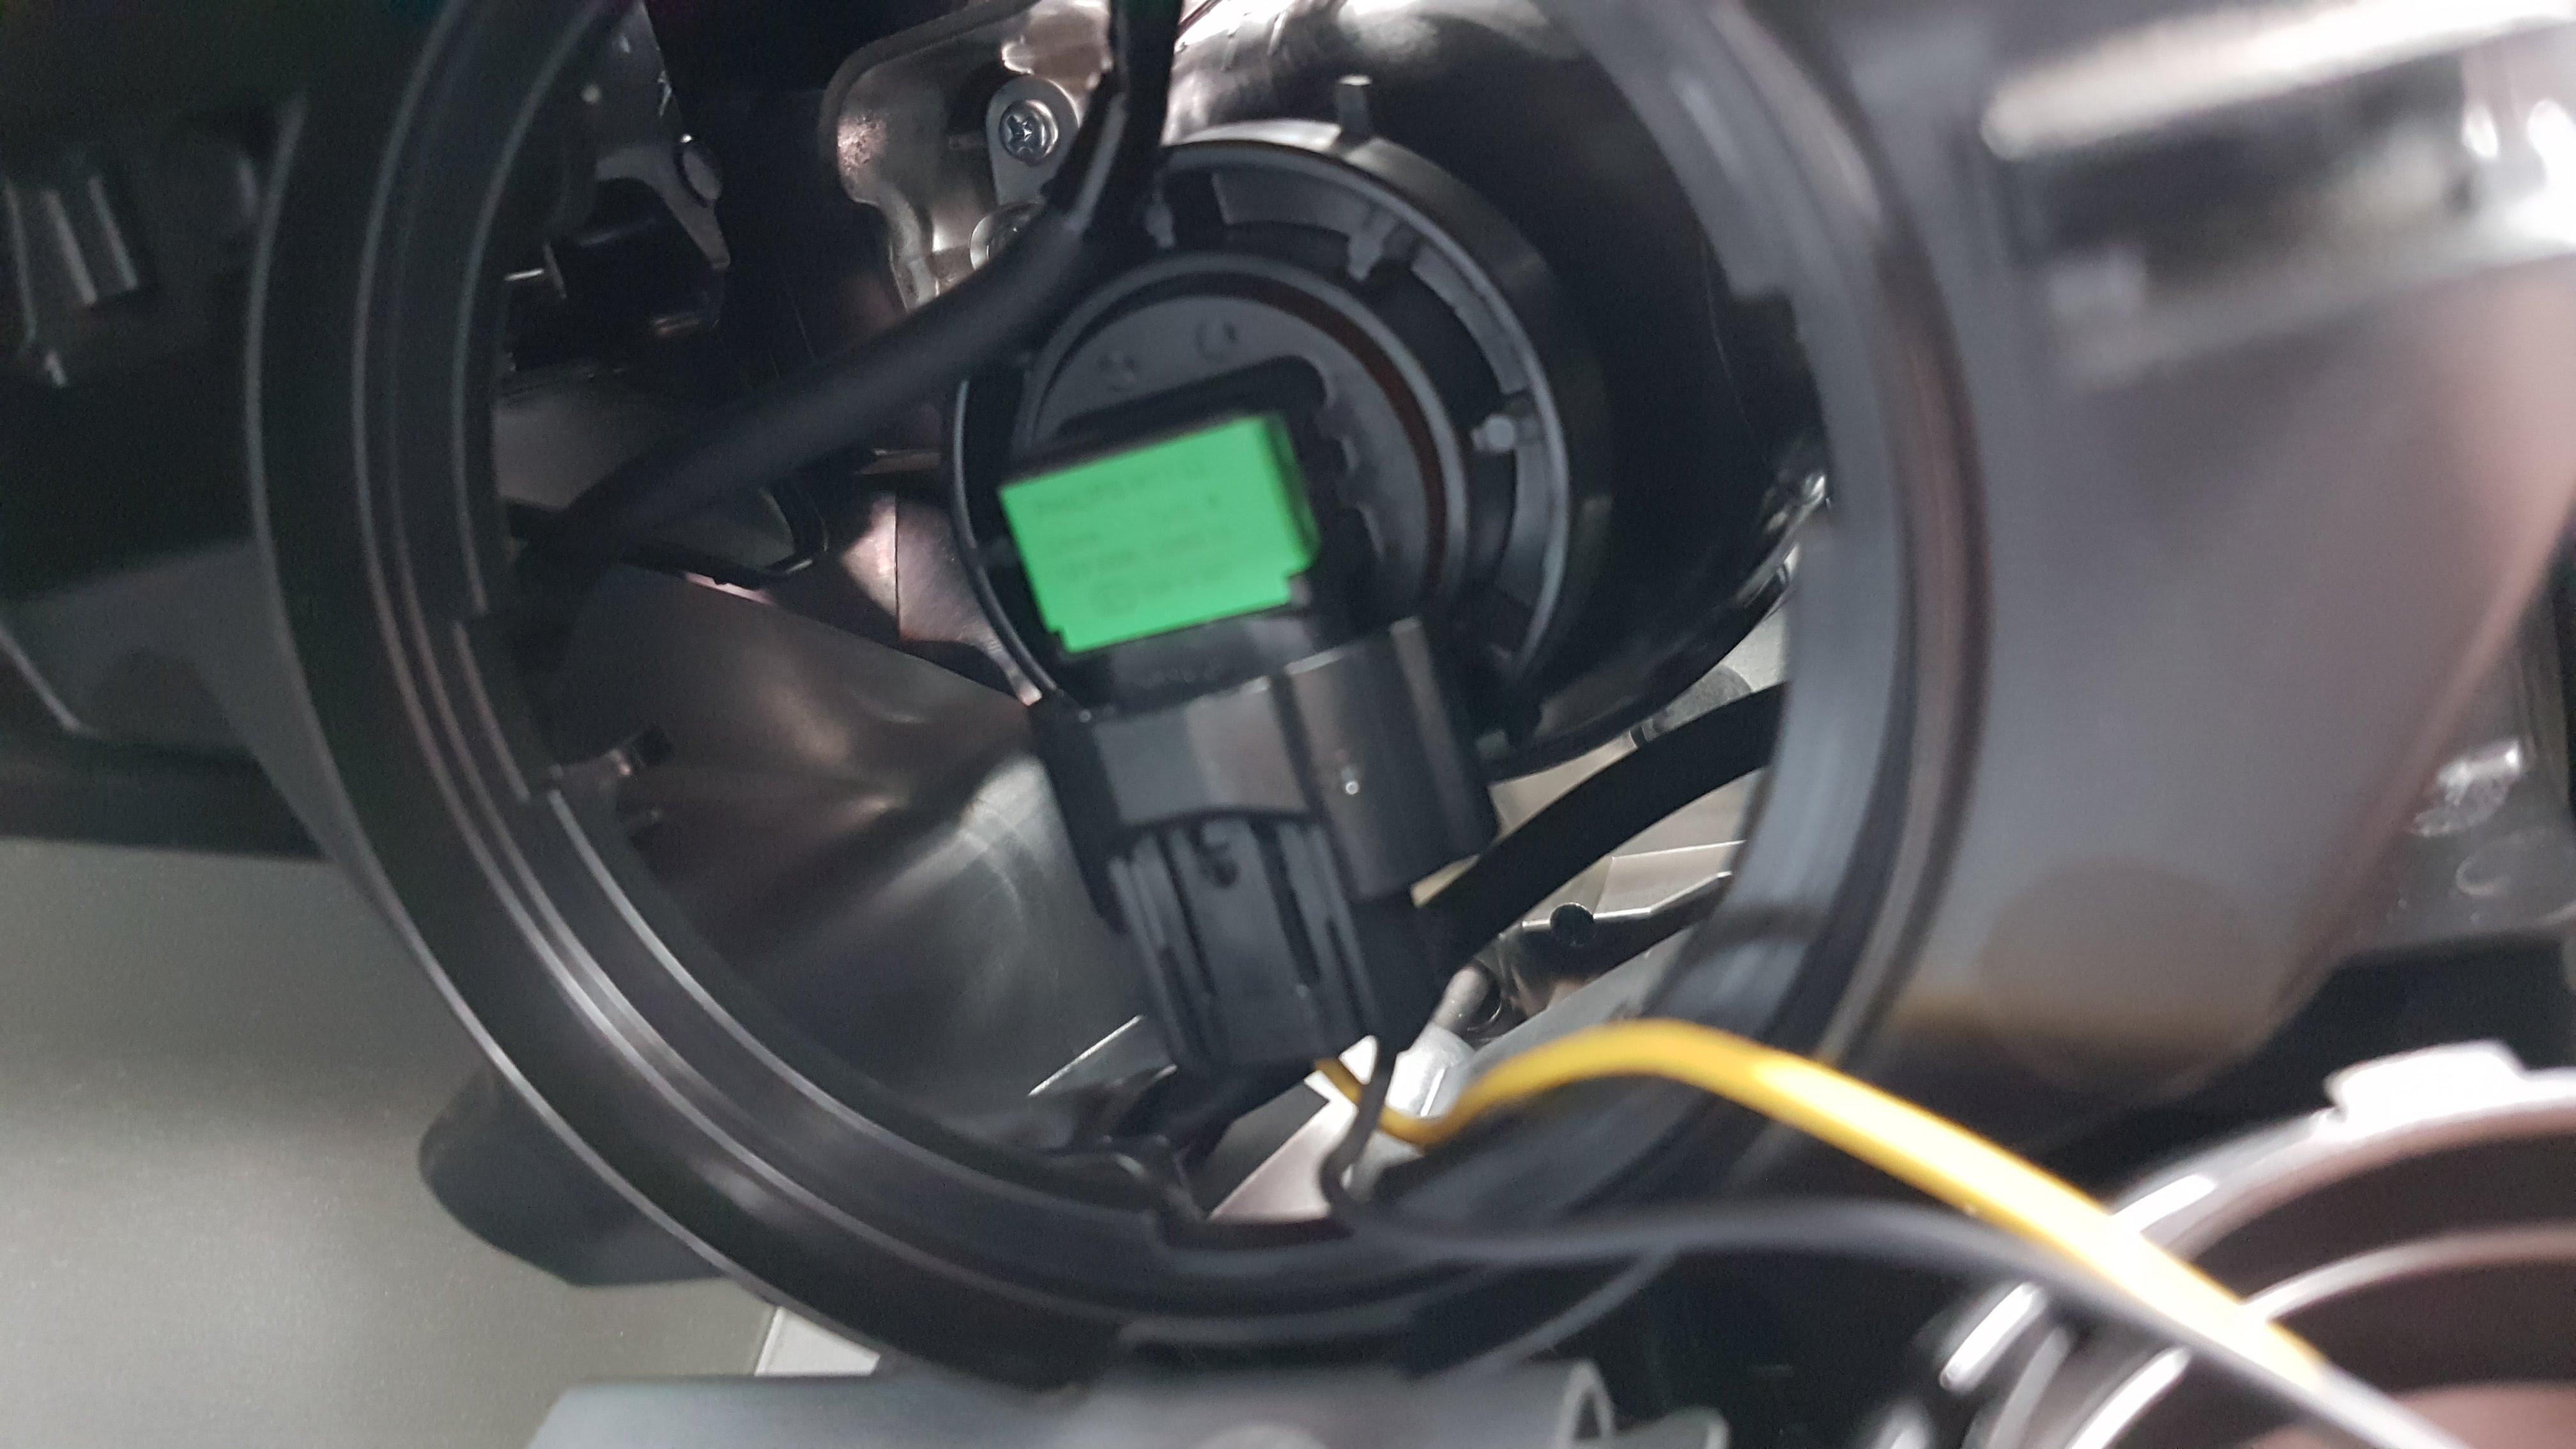 Welk type koplampen heeft de nieuwe Leaf? (H11) - NEC-\